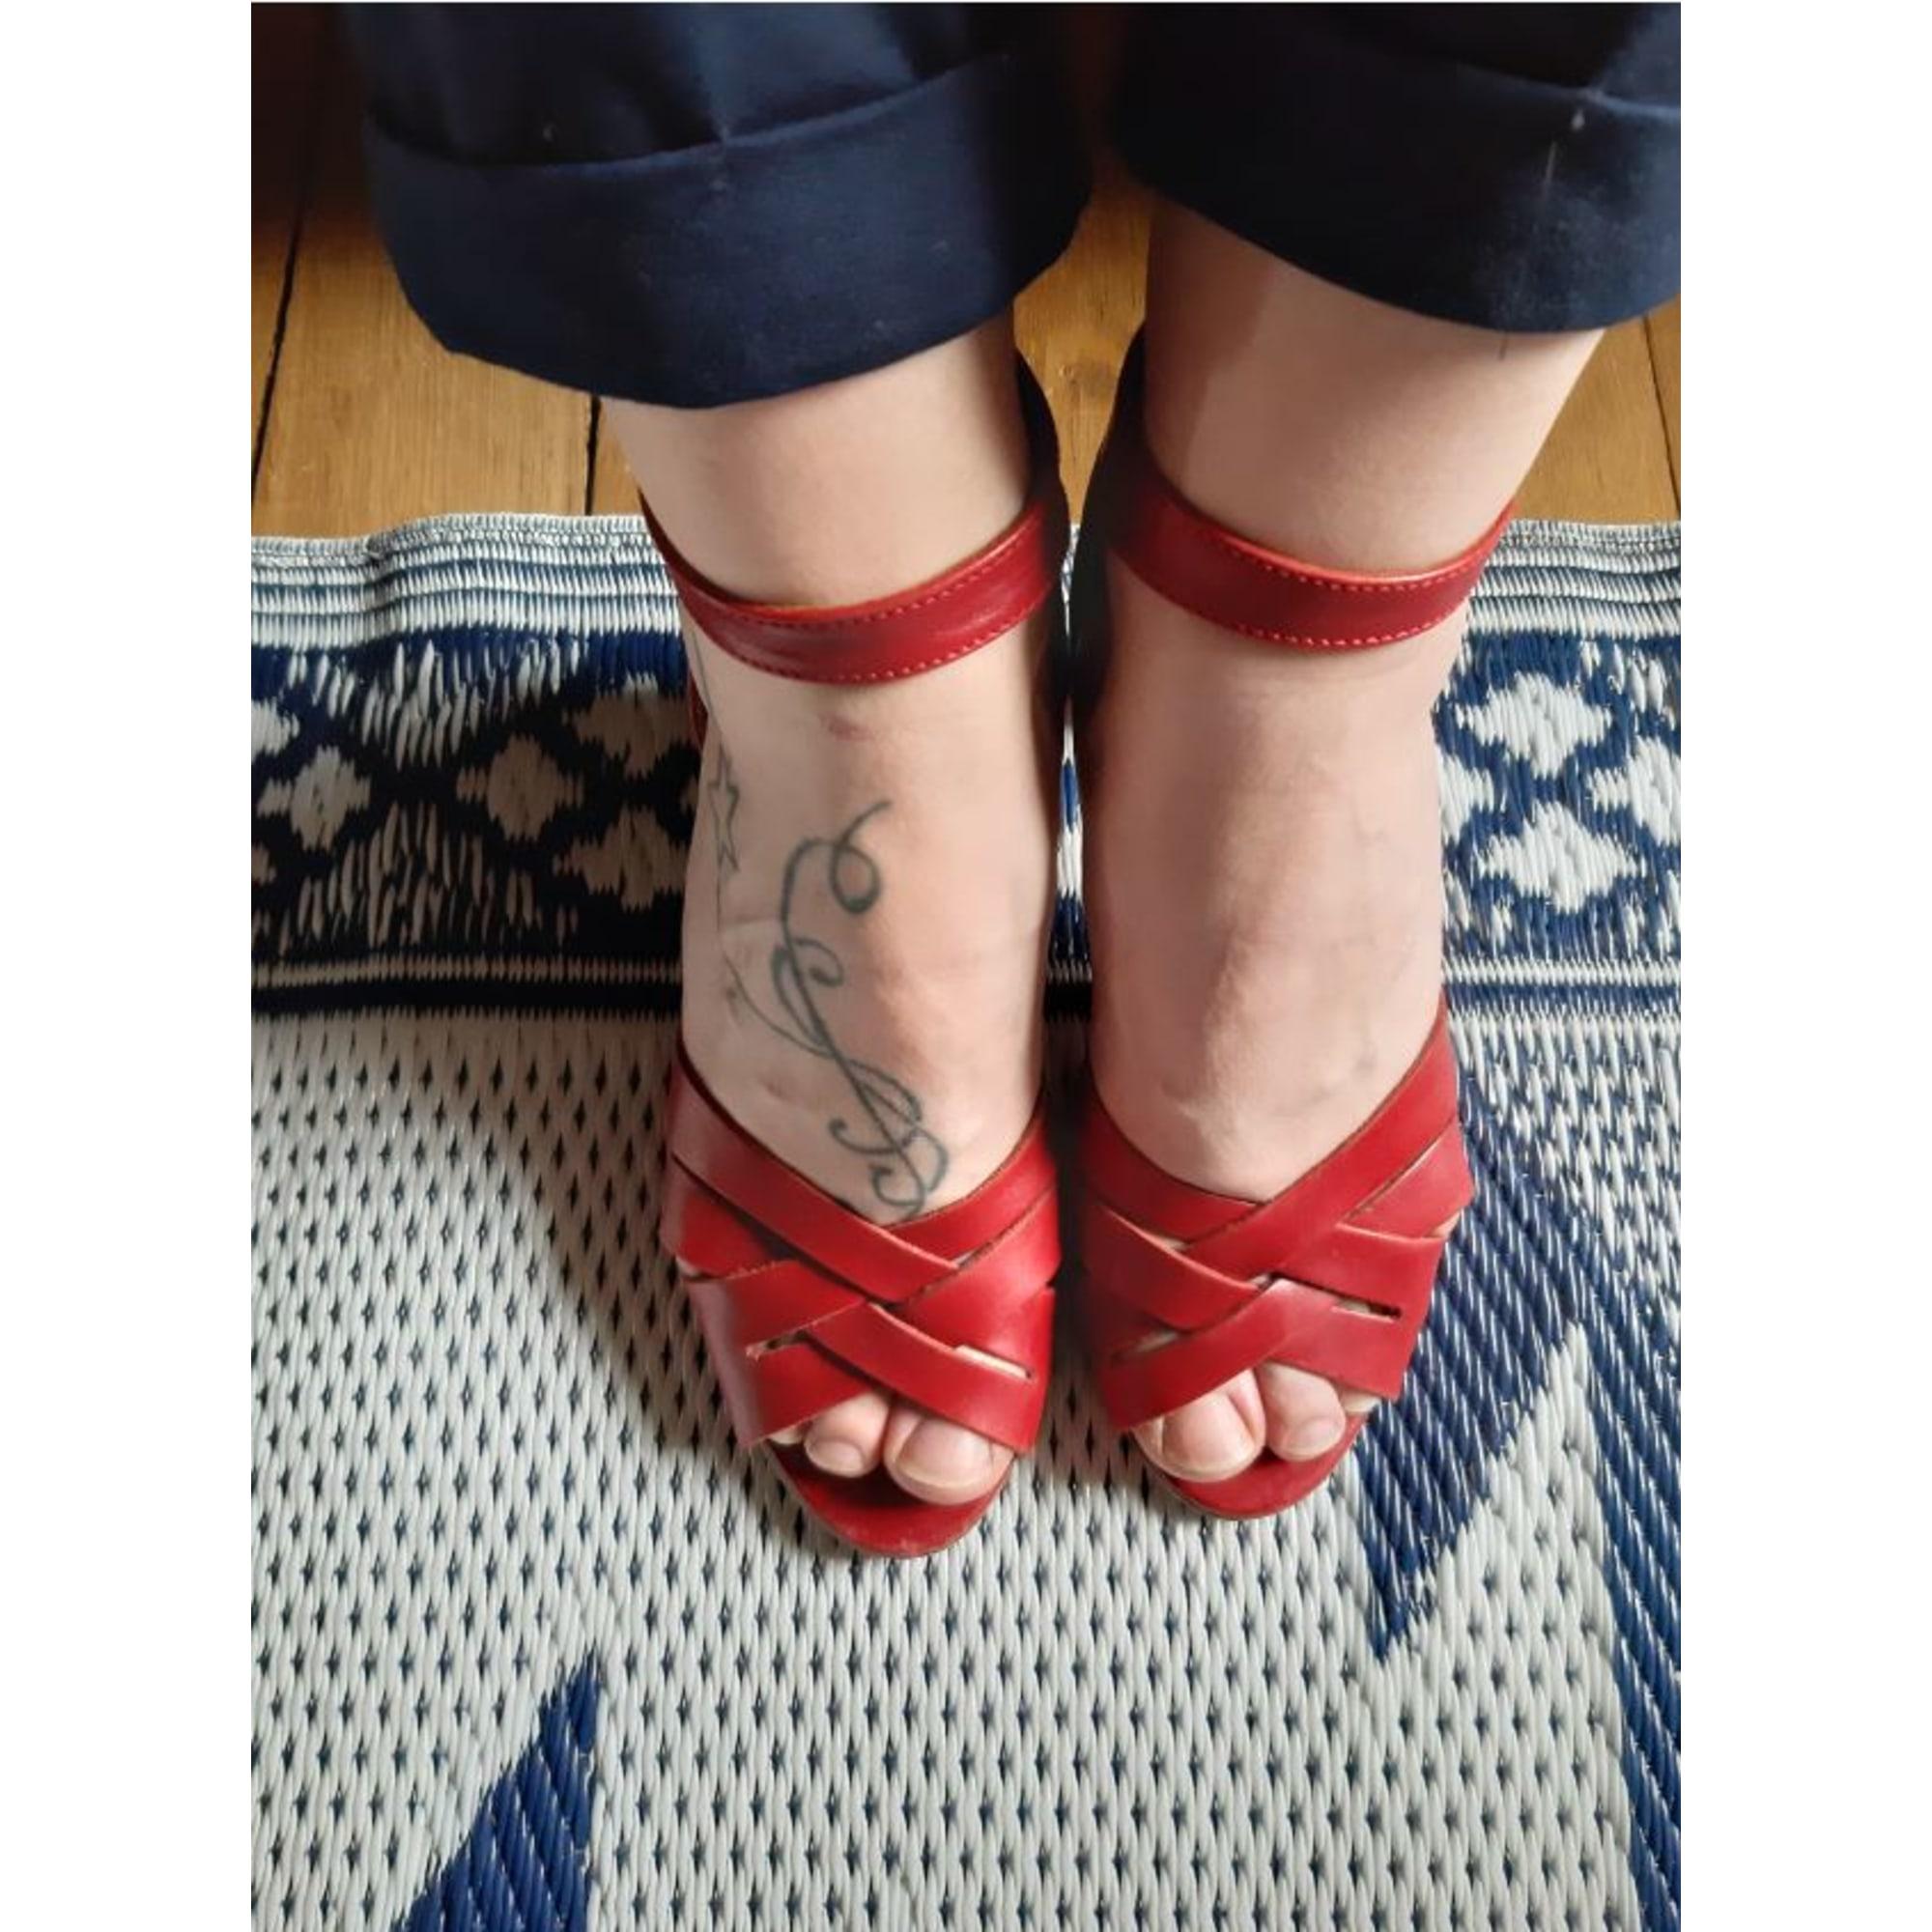 Sandales à talons ANTHOLOGY PARIS Rouge, bordeaux